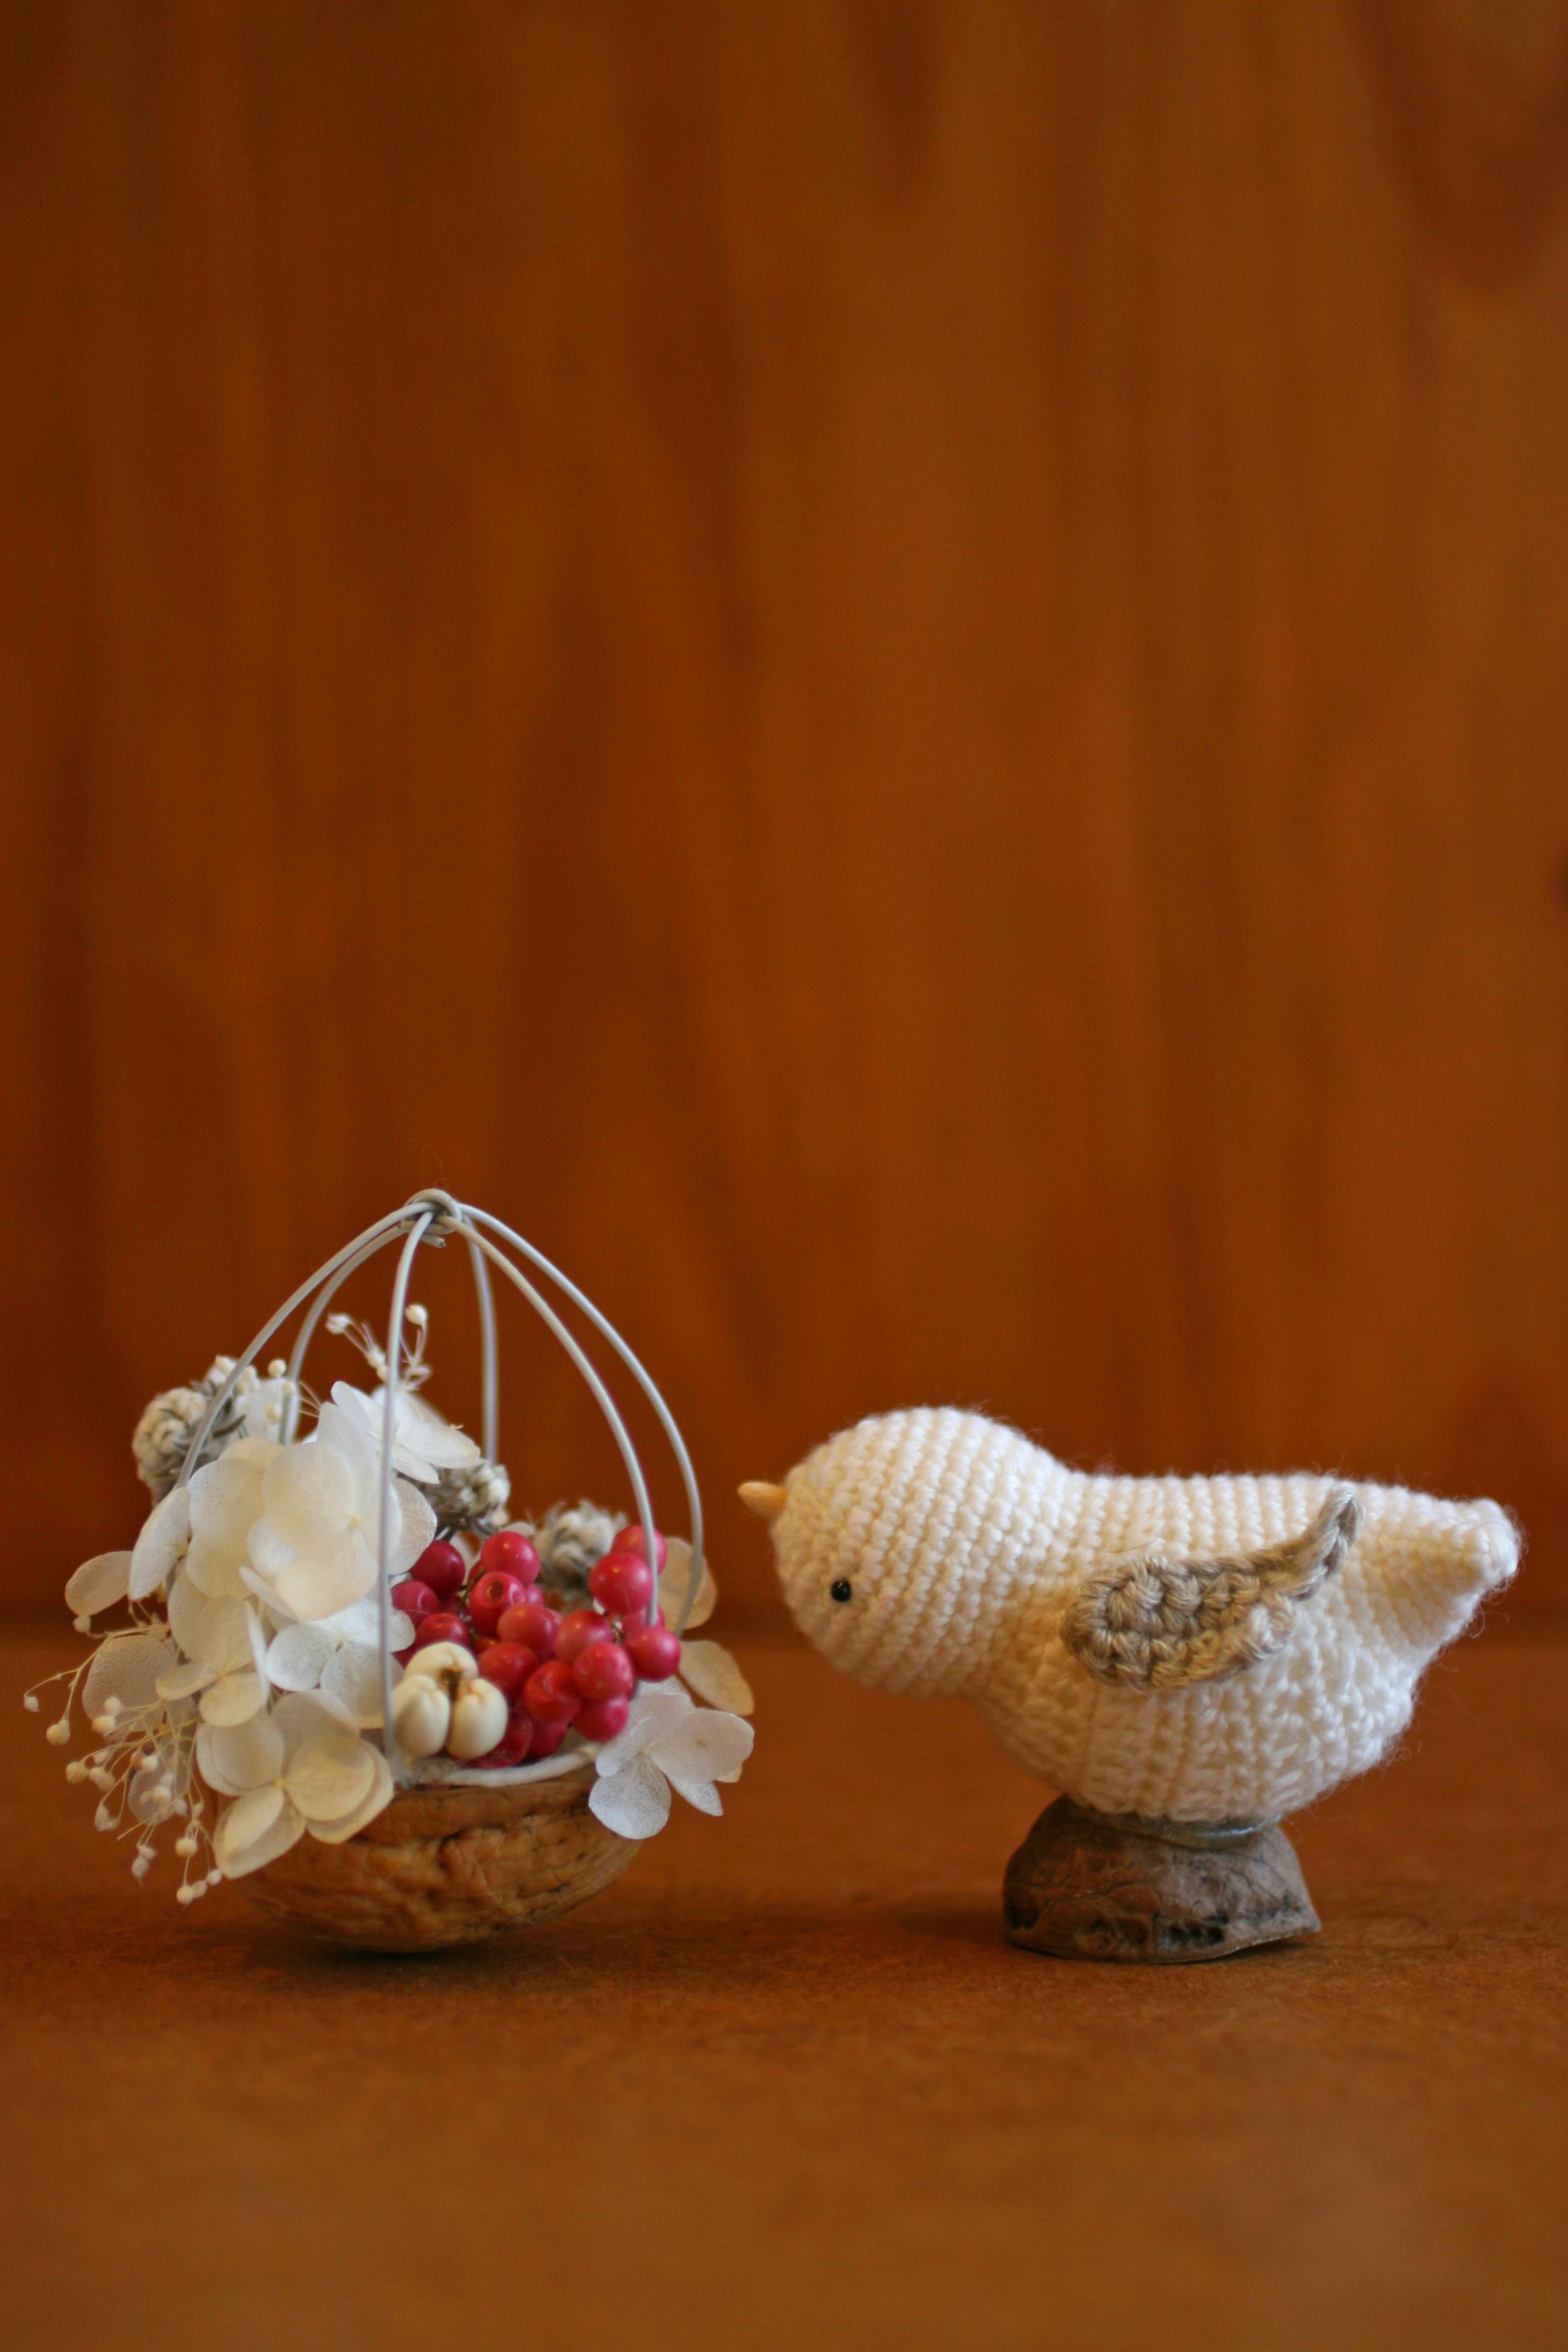 クラフト用菓子くるみの殻